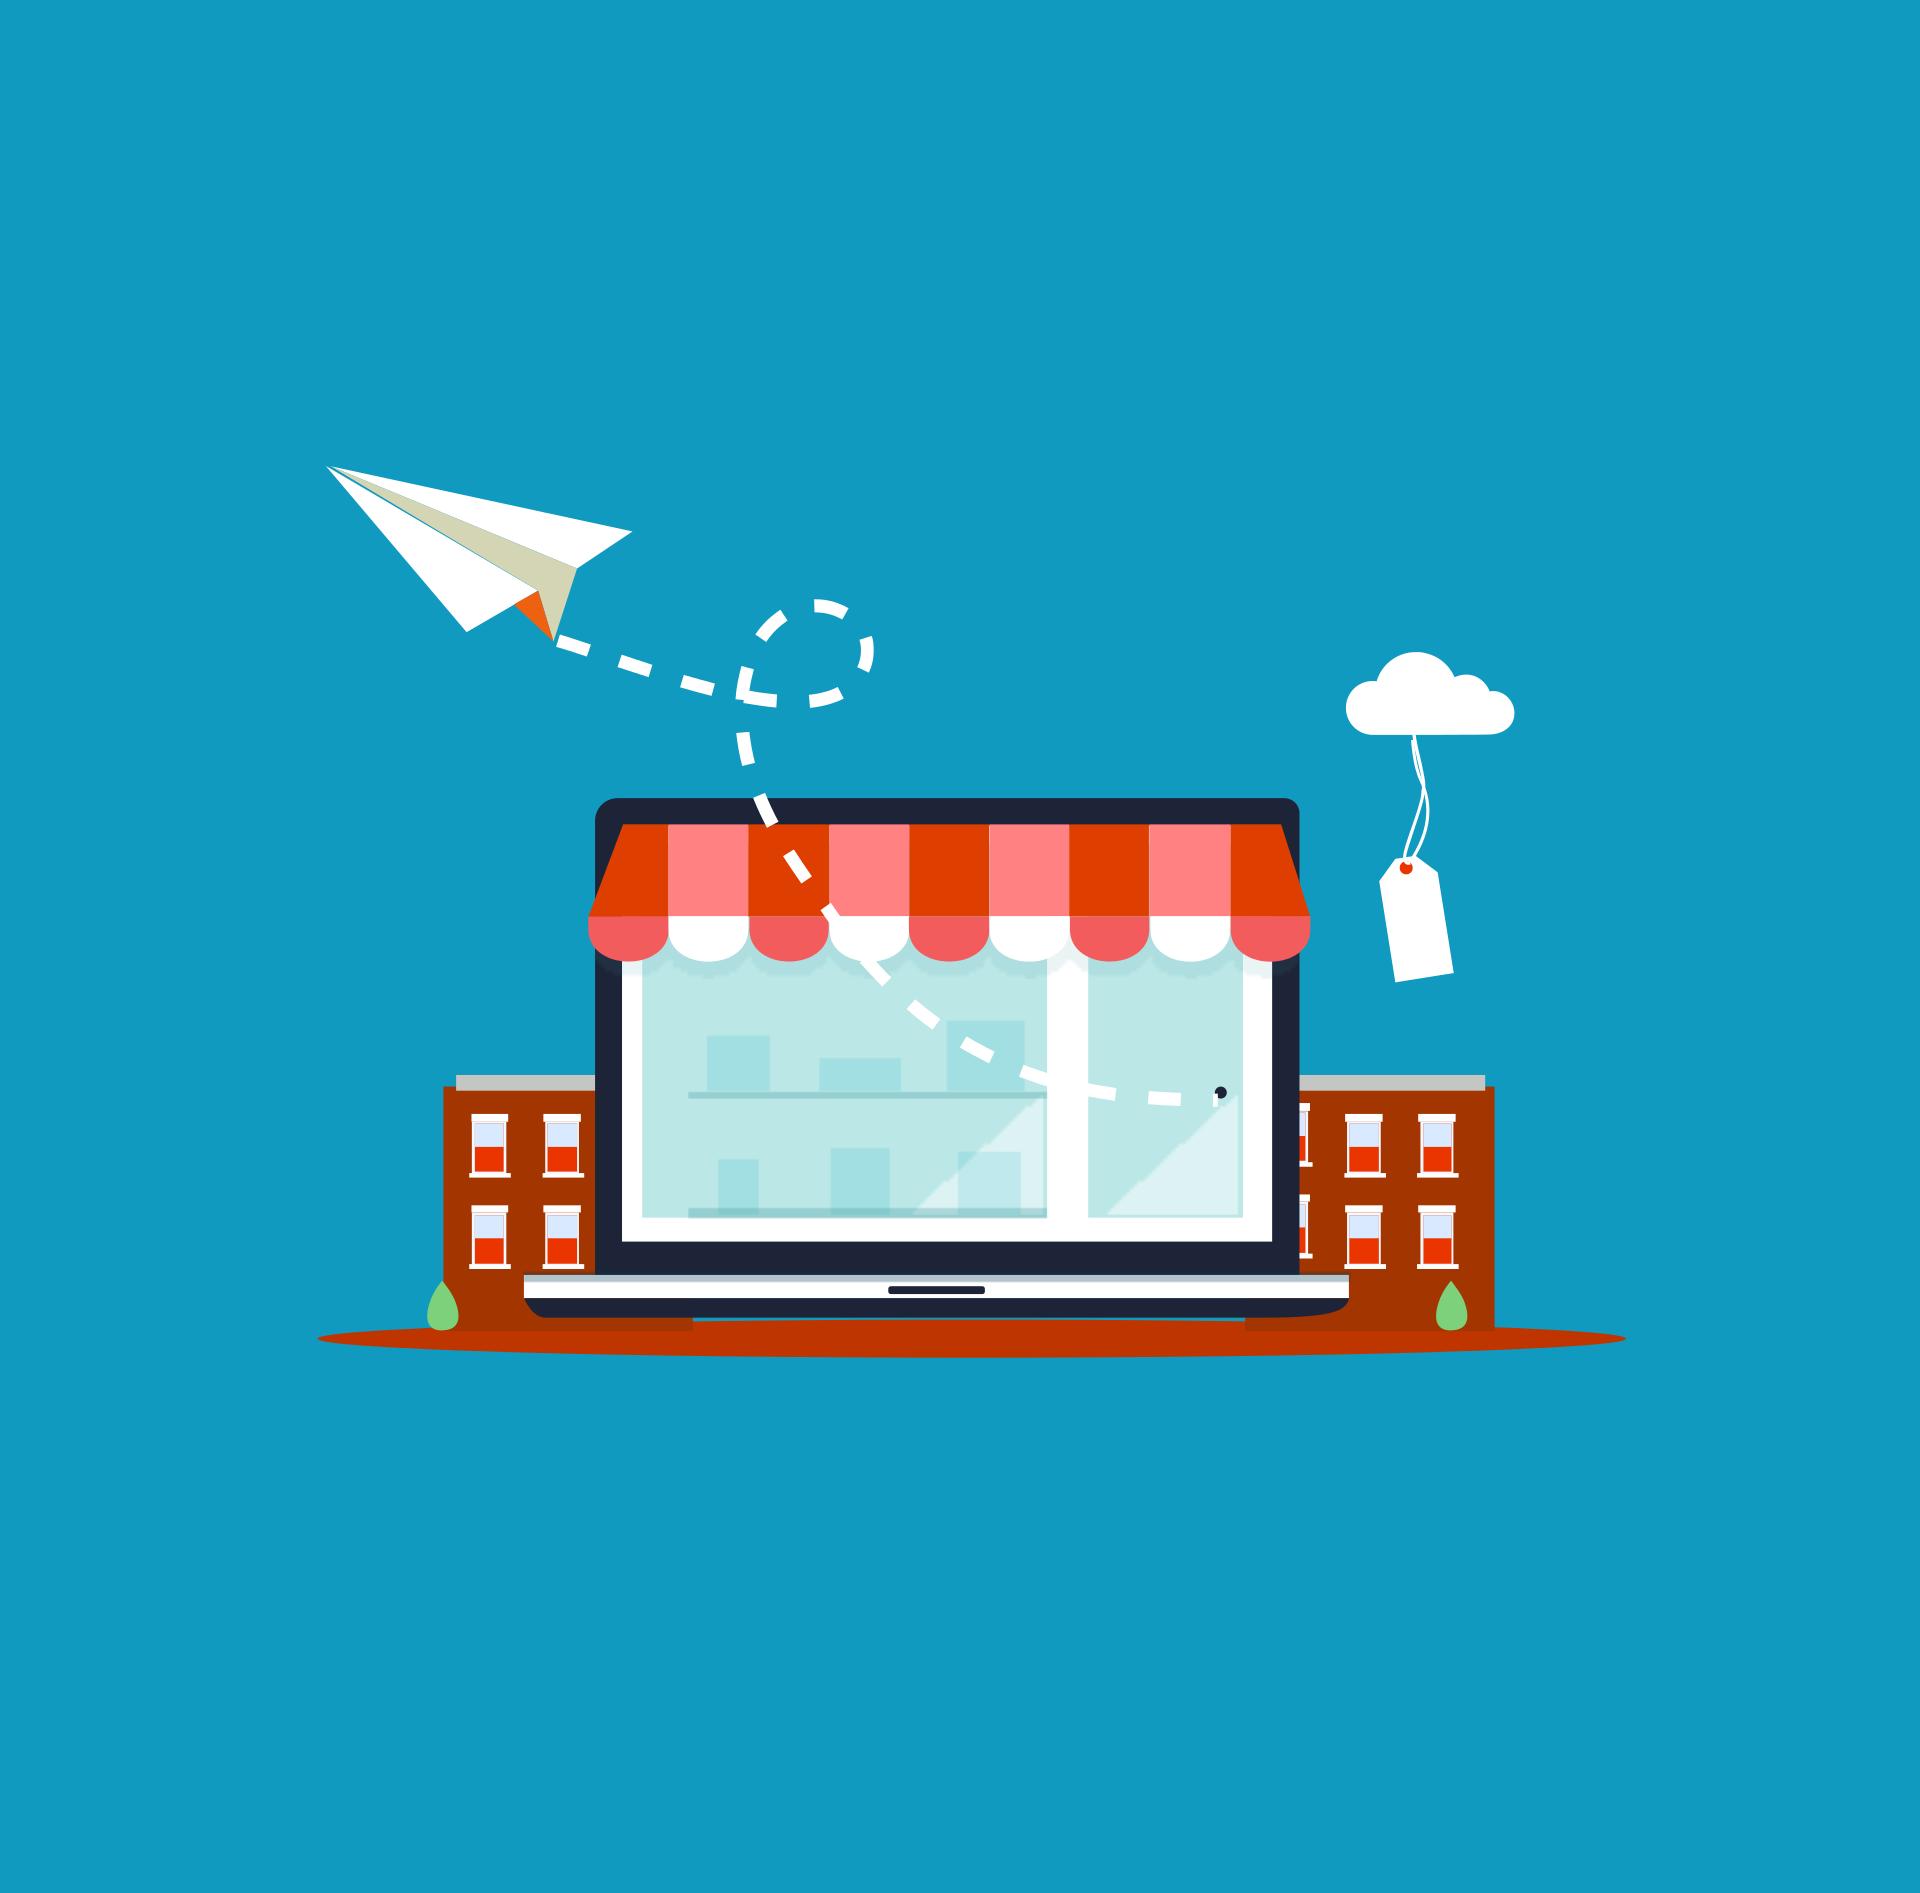 eCommerce laptop image